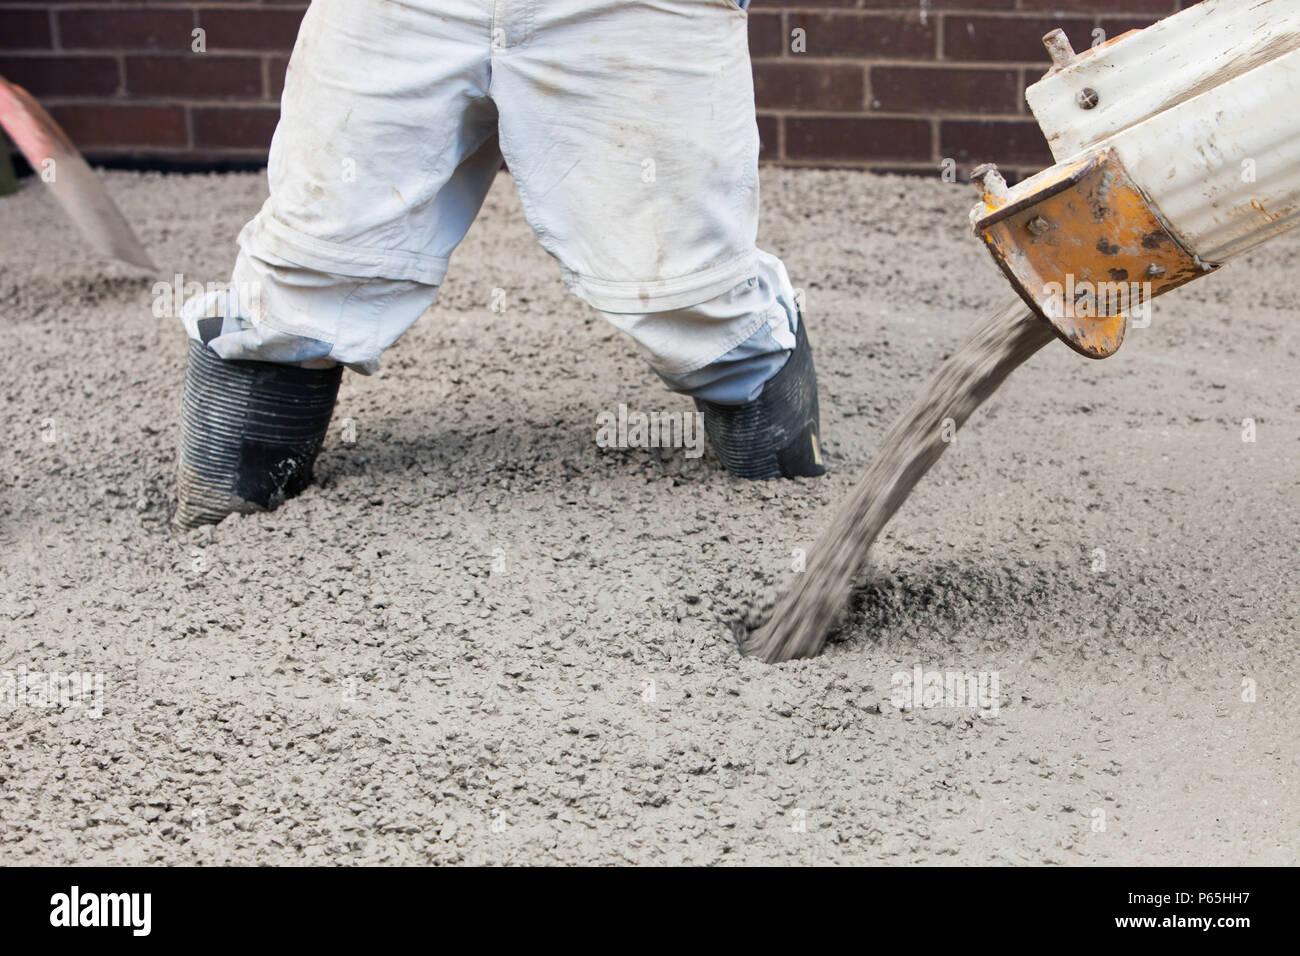 Bodenbelag Giessen Giessen Von Beton Fur Den Boden Eine